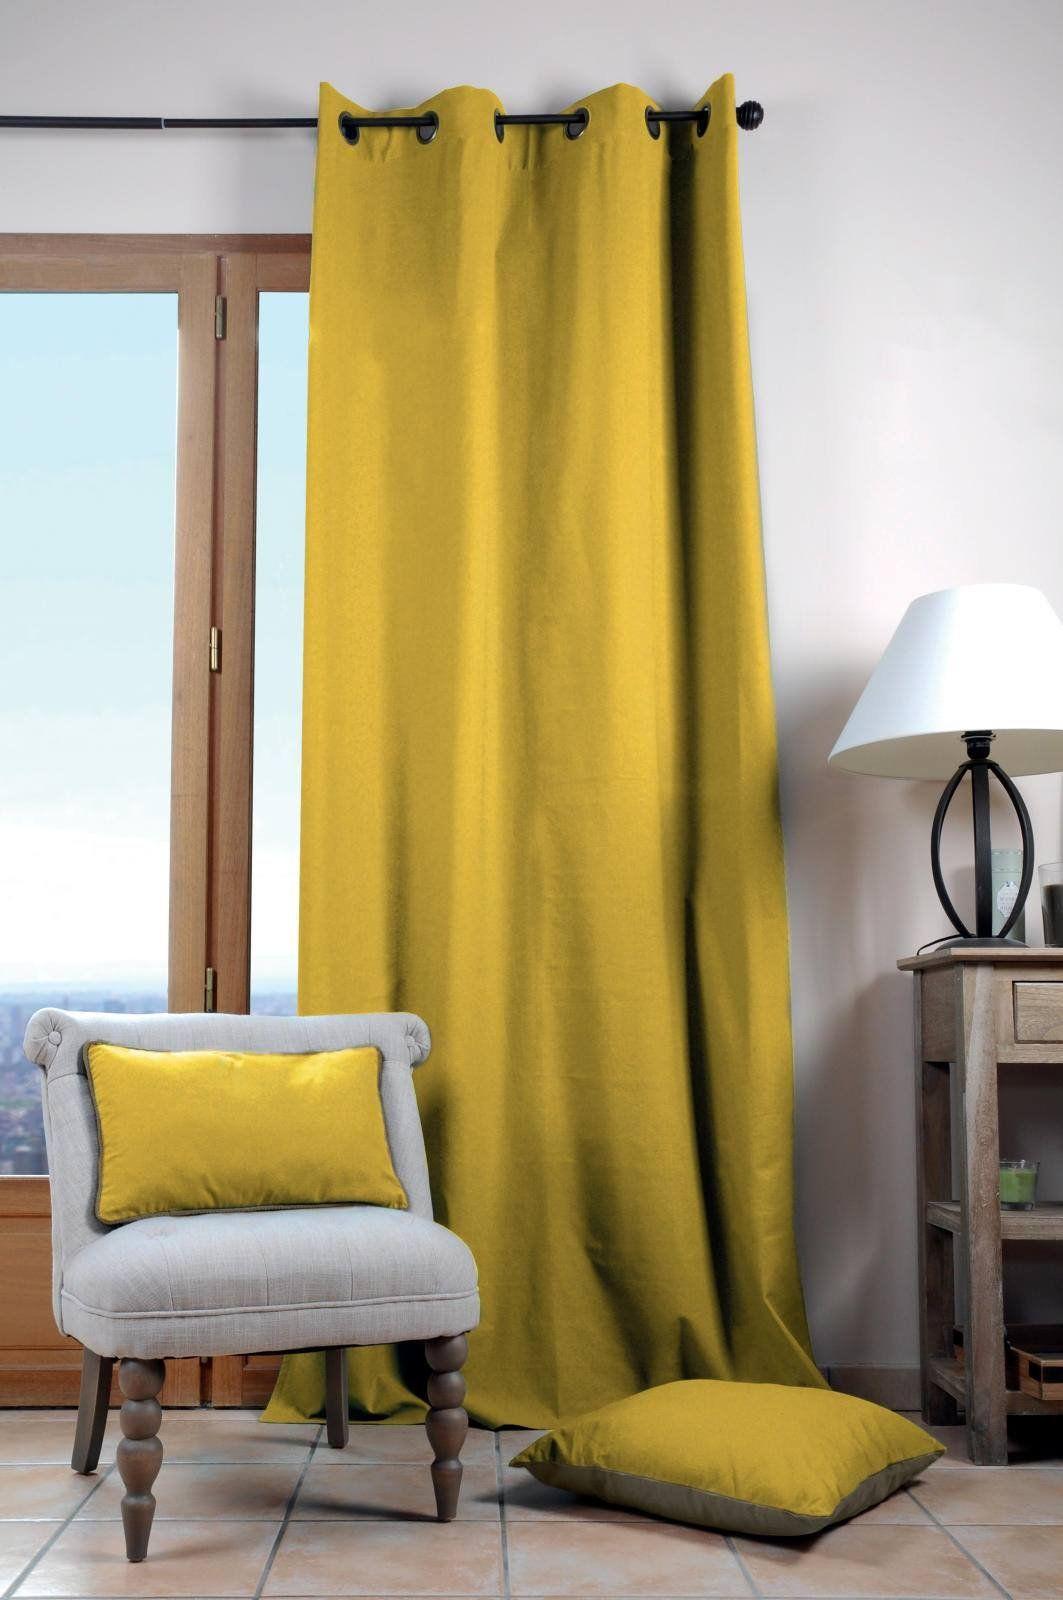 Lovely Casa Duo UNI zasłona, 135 x 240 cm, bawełna, musztardowa żółta